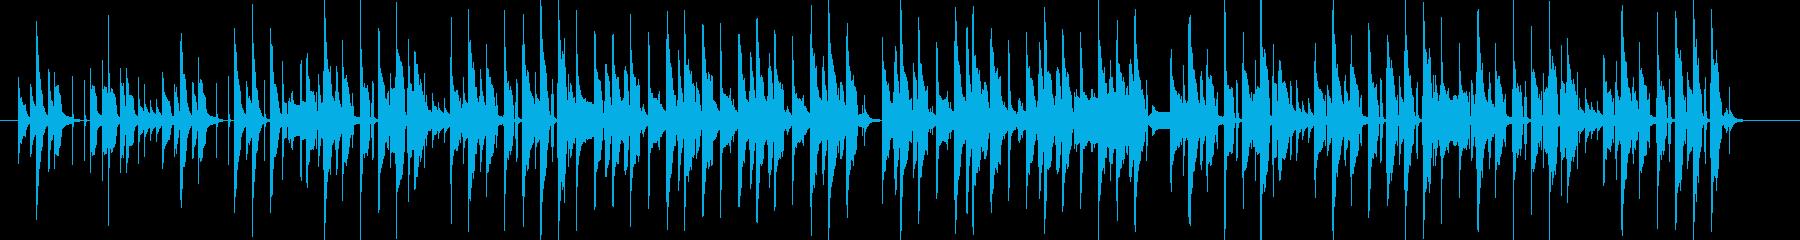 コミカルでかわいらしいジングルLongの再生済みの波形